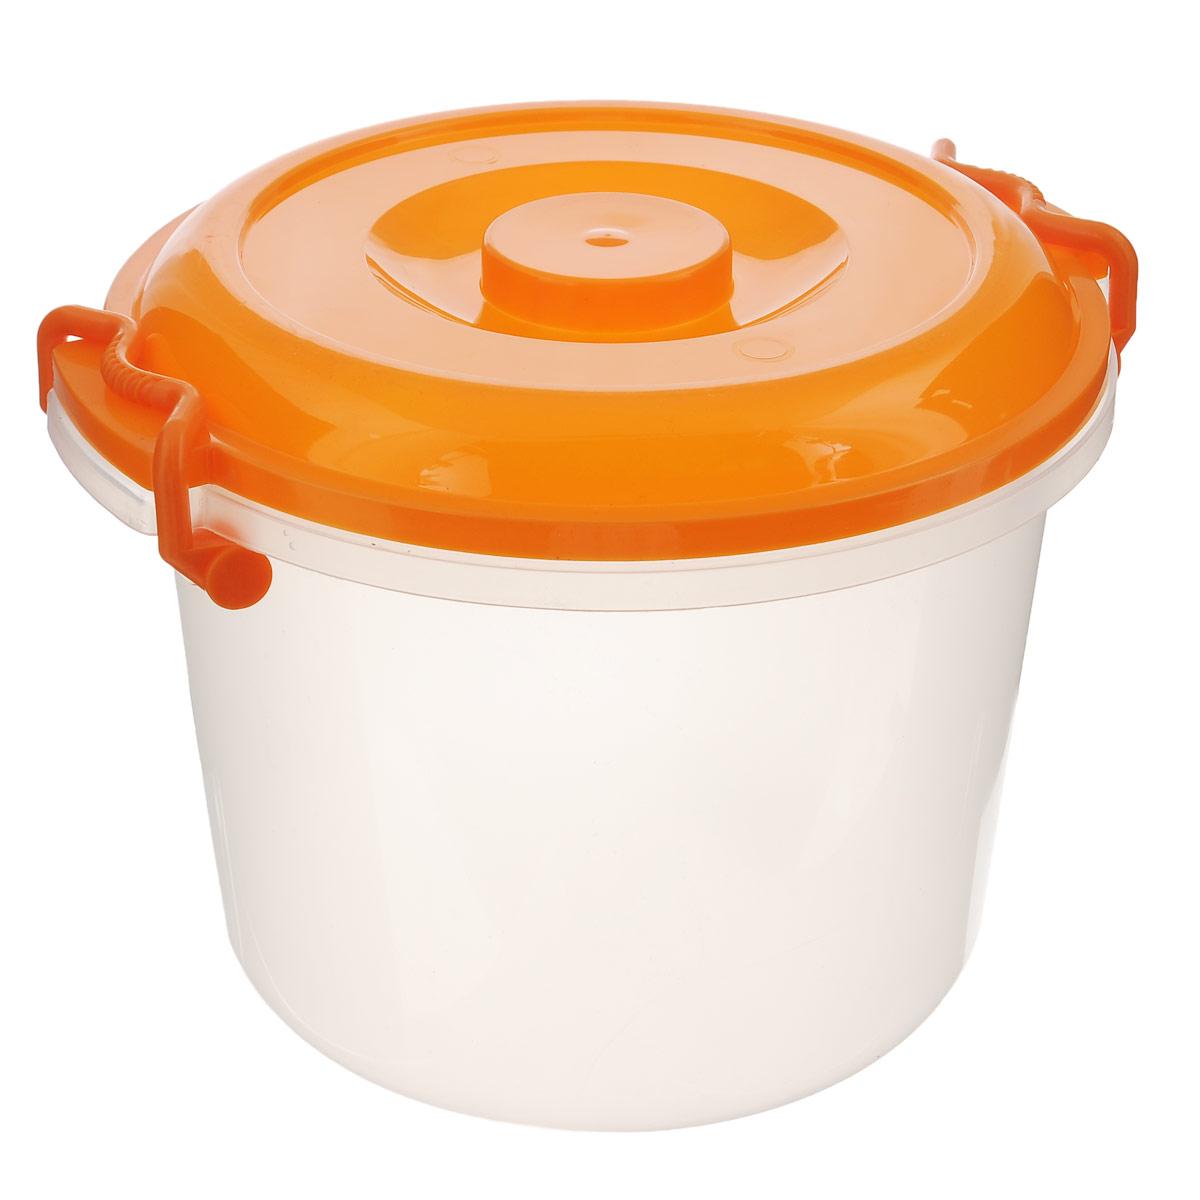 Контейнер Альтернатива, цвет: оранжевый, прозрачный, 8 лМ098Контейнер Альтернатива изготовлен из высококачественного пищевого пластика. Изделие оснащено крышкой и ручками, которые плотно закрывают контейнер. Также на крышке имеется ручка для удобной переноски. Емкость предназначена для хранения различных бытовых вещей и продуктов. Такой контейнер очень функционален и всегда пригодится на кухне. Диаметр контейнера (по верхнему краю): 25 см. Высота контейнера (без учета крышки): 21 см. Объем: 8 л.